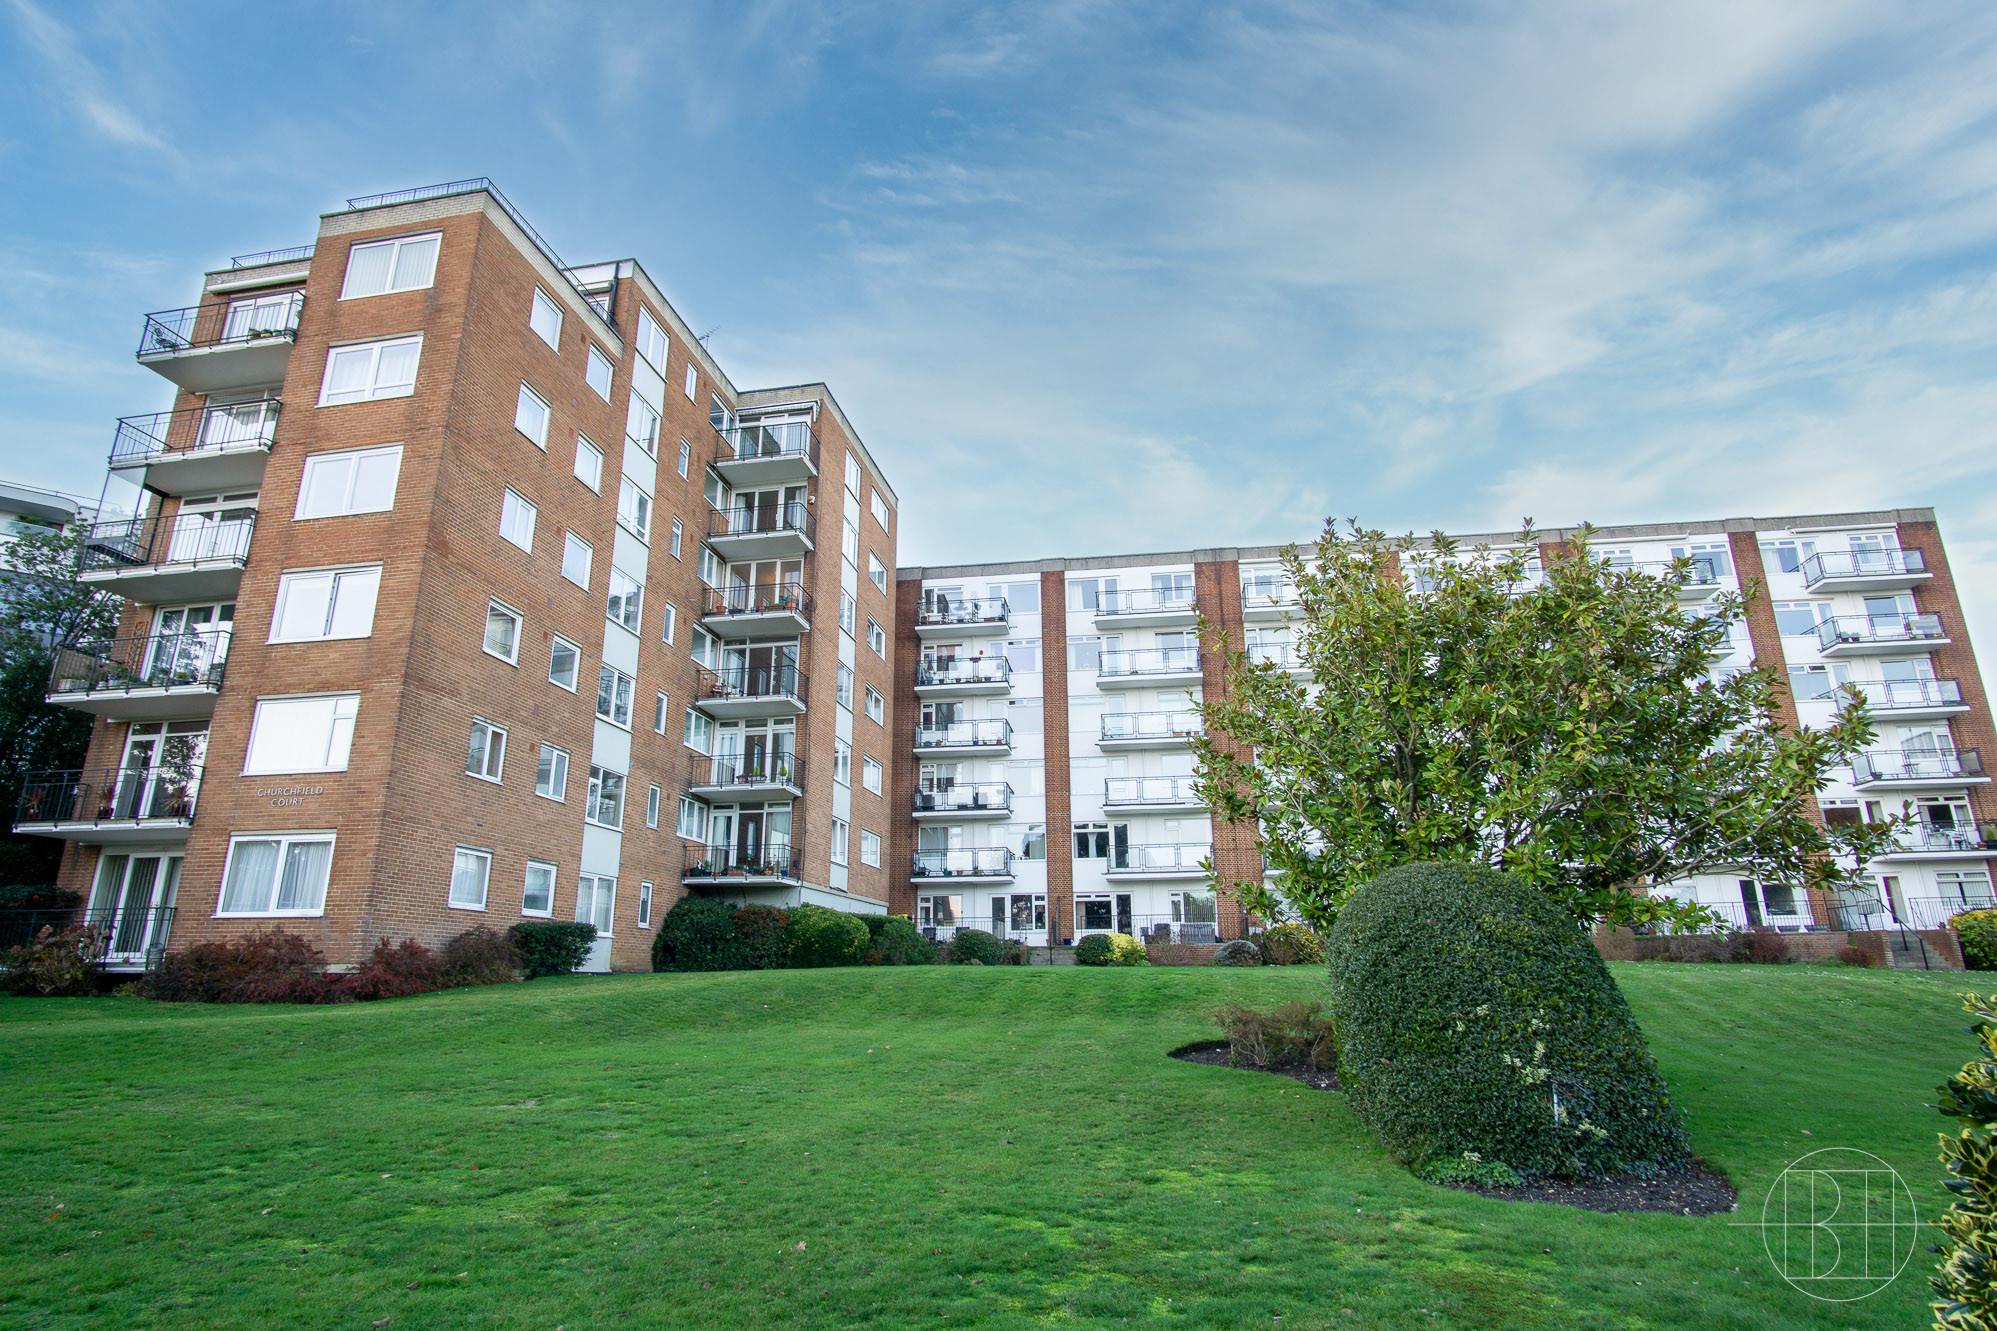 39-41 Parkstone Road, Poole Park